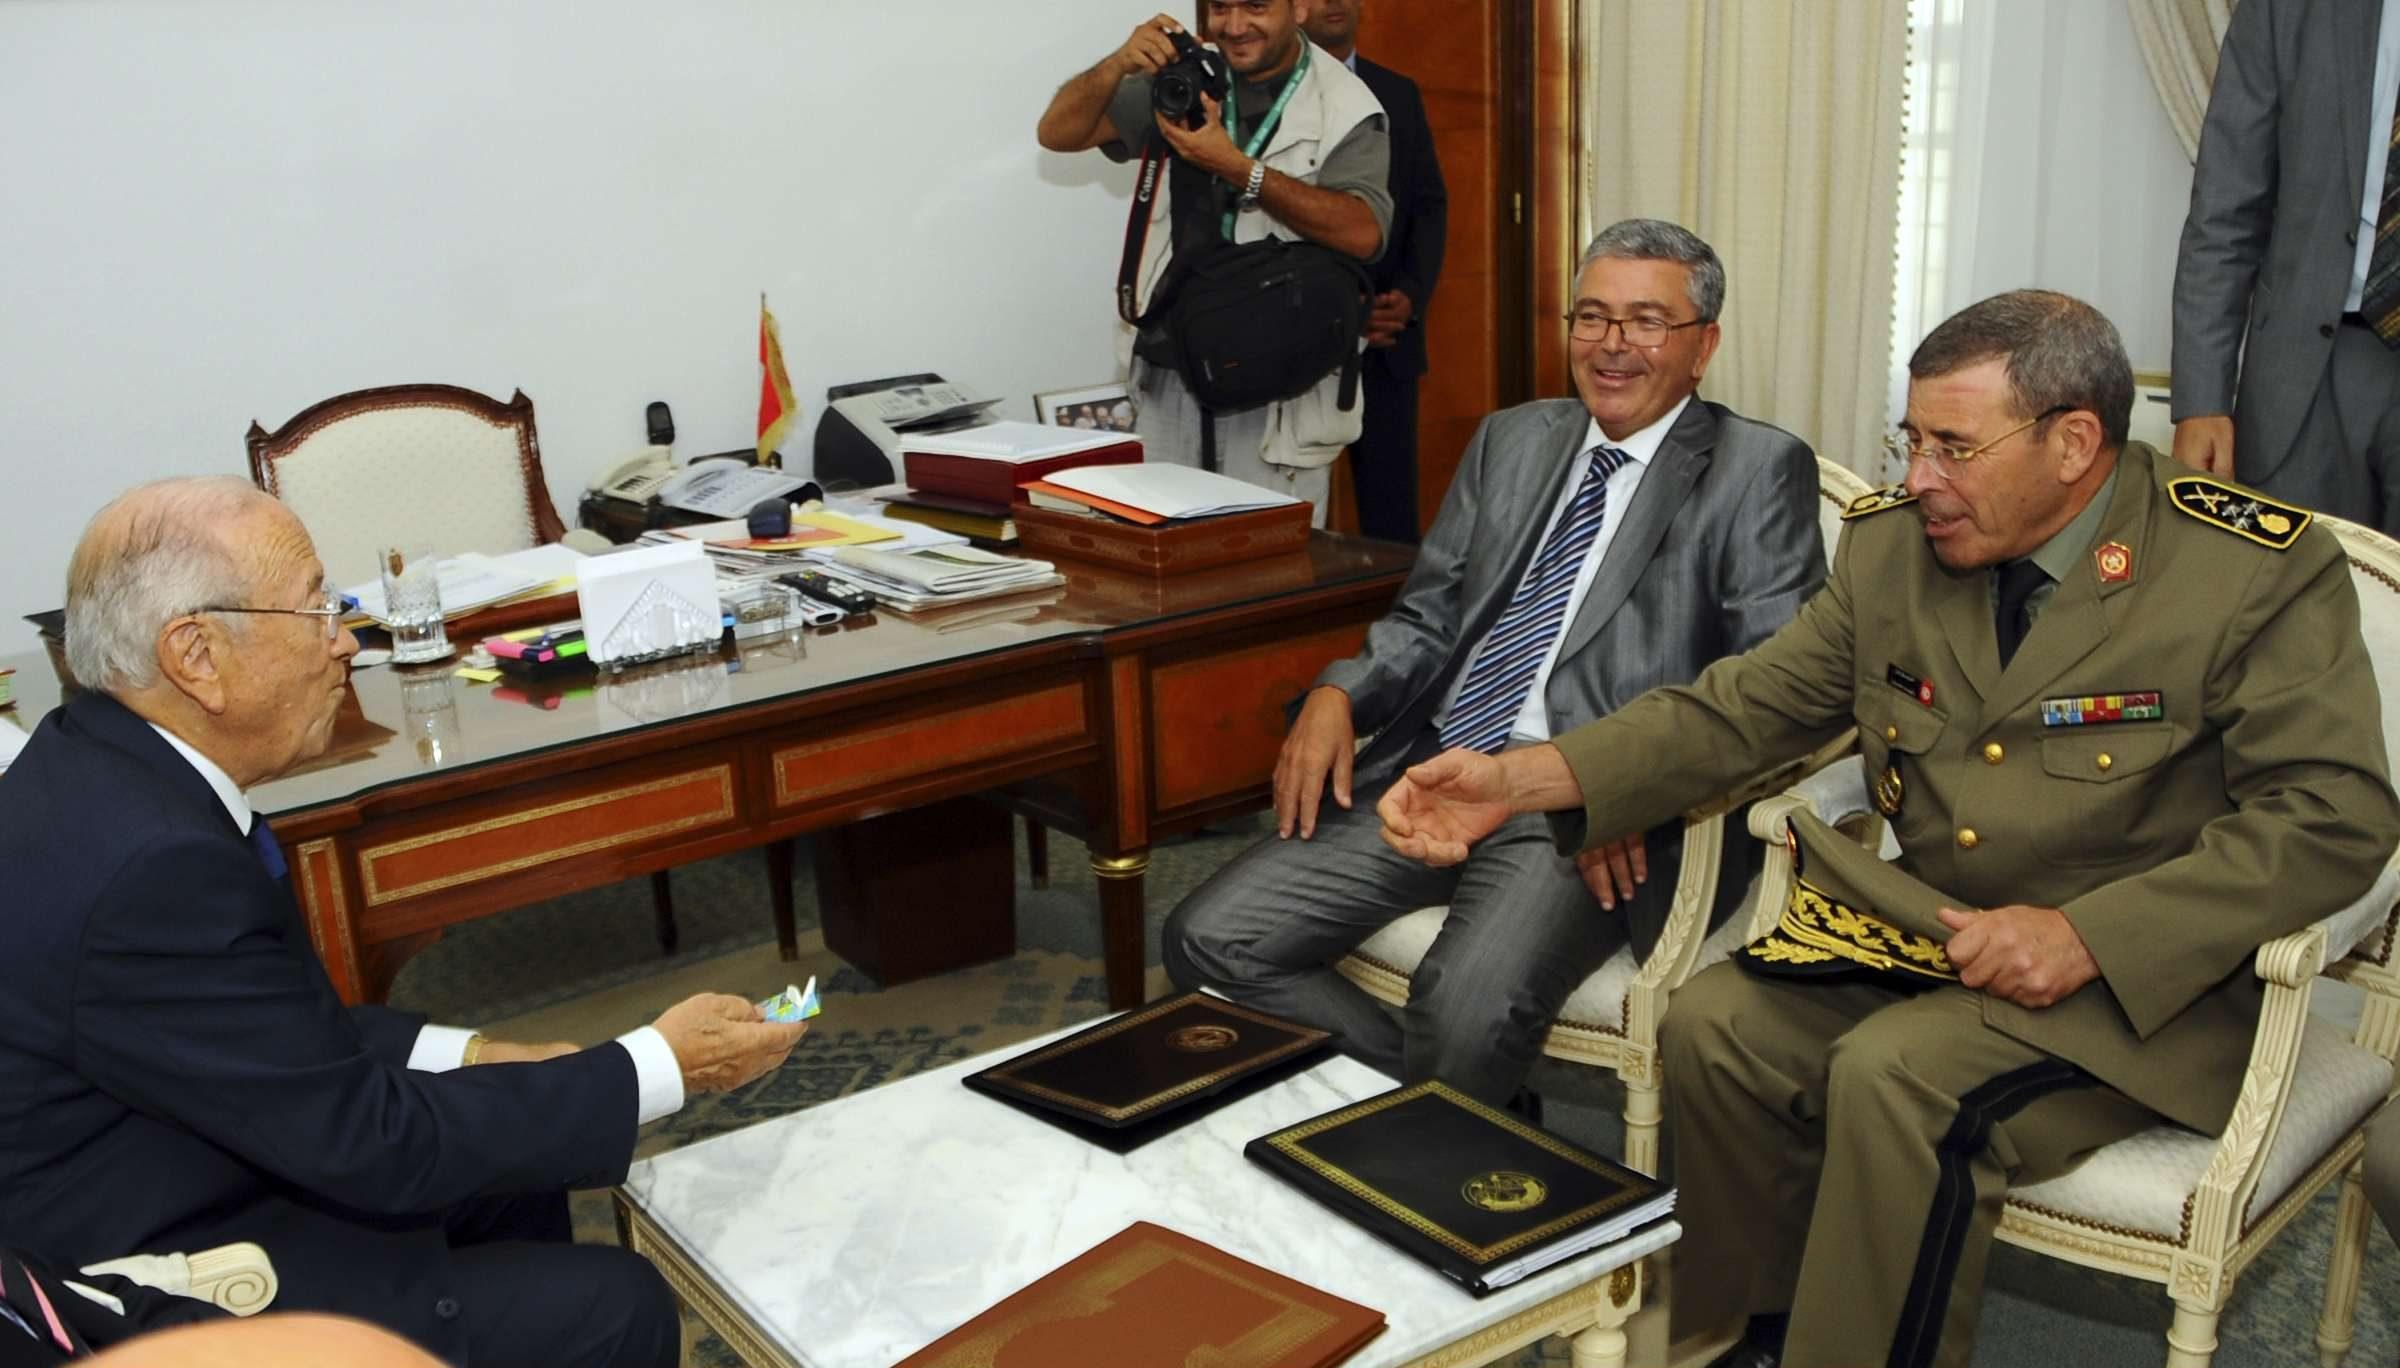 Le ministre de la Défense Abdelkrim Zbidi, entouré du Premier ministre Béji Caïd Essebsi (à gauche) et du chef d'état-major de l'armée, le général Rachid Ammar, le 6 septembre 2011 à Tunis.